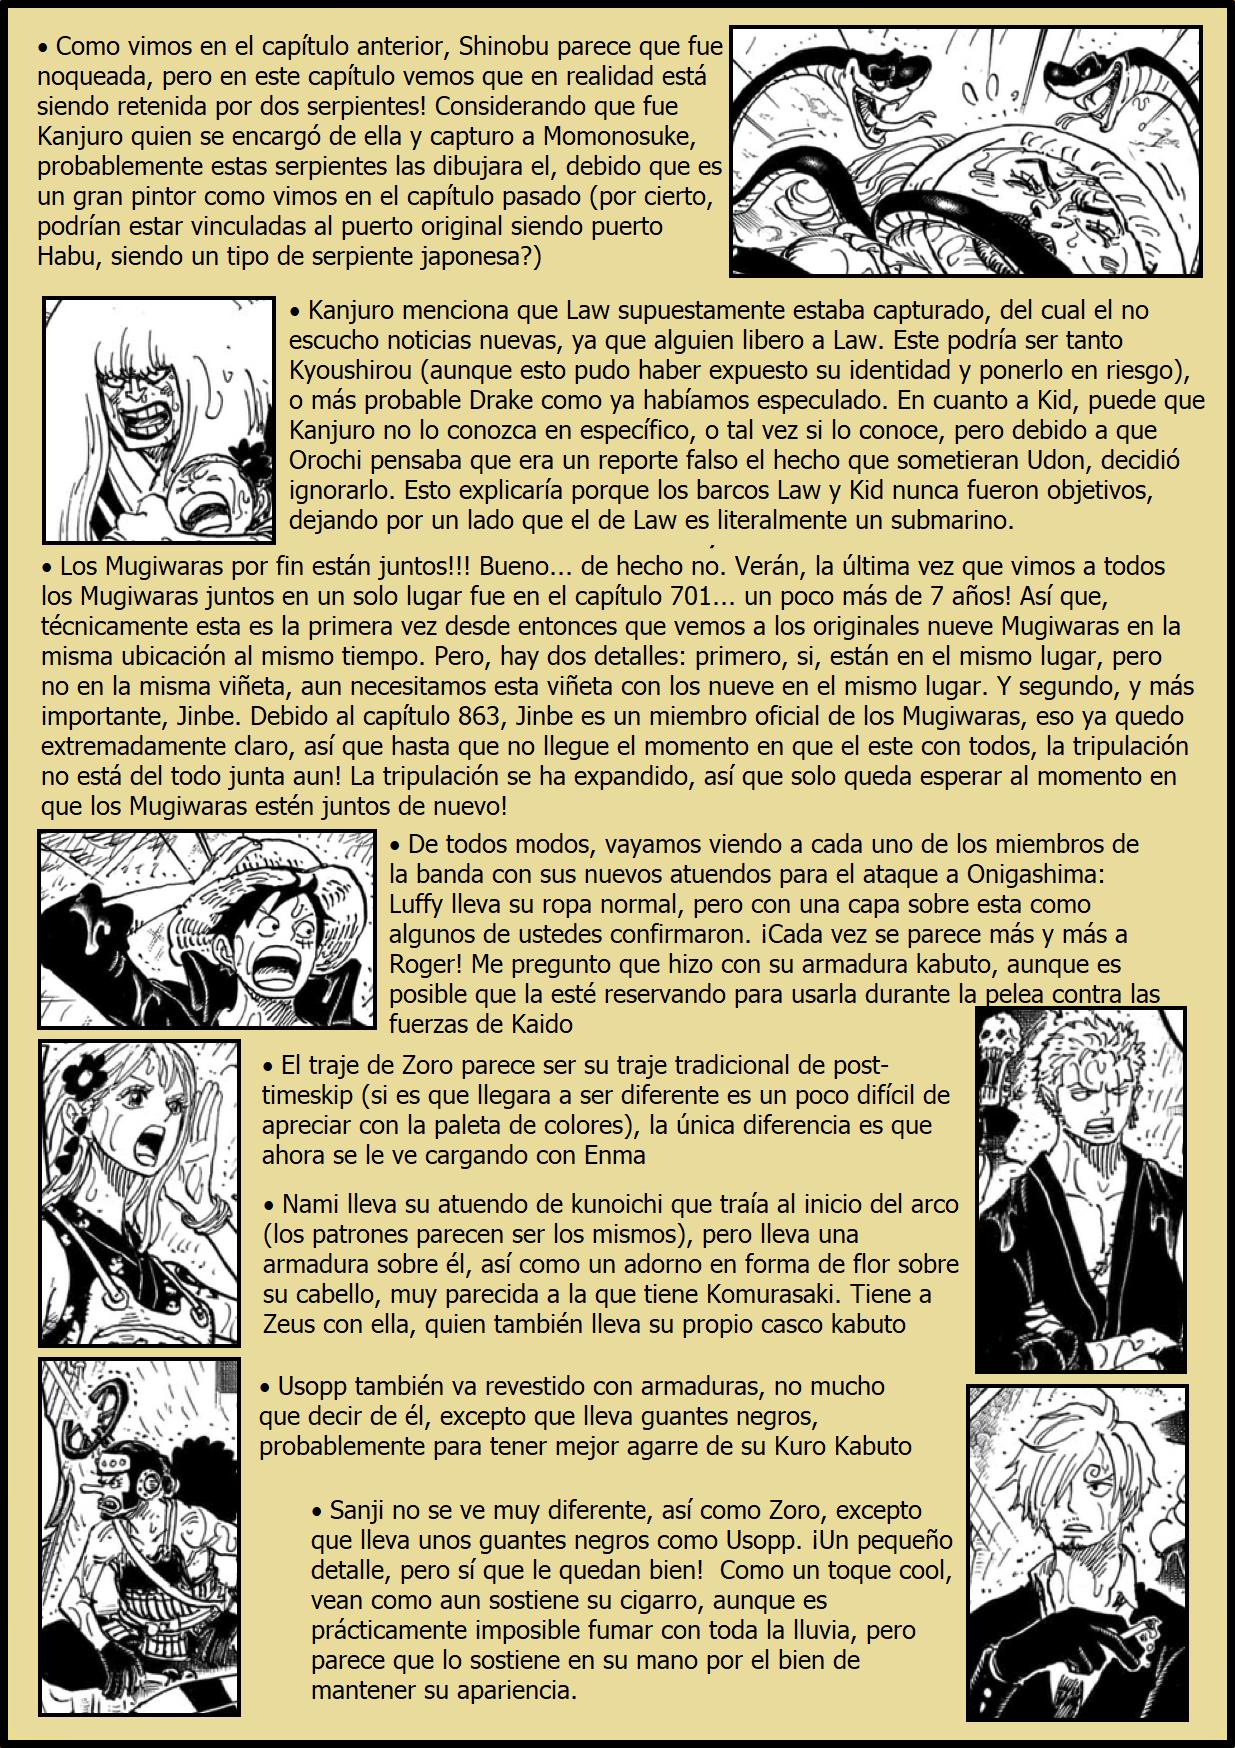 Secretos & Curiosidades - One Piece Manga 975 02